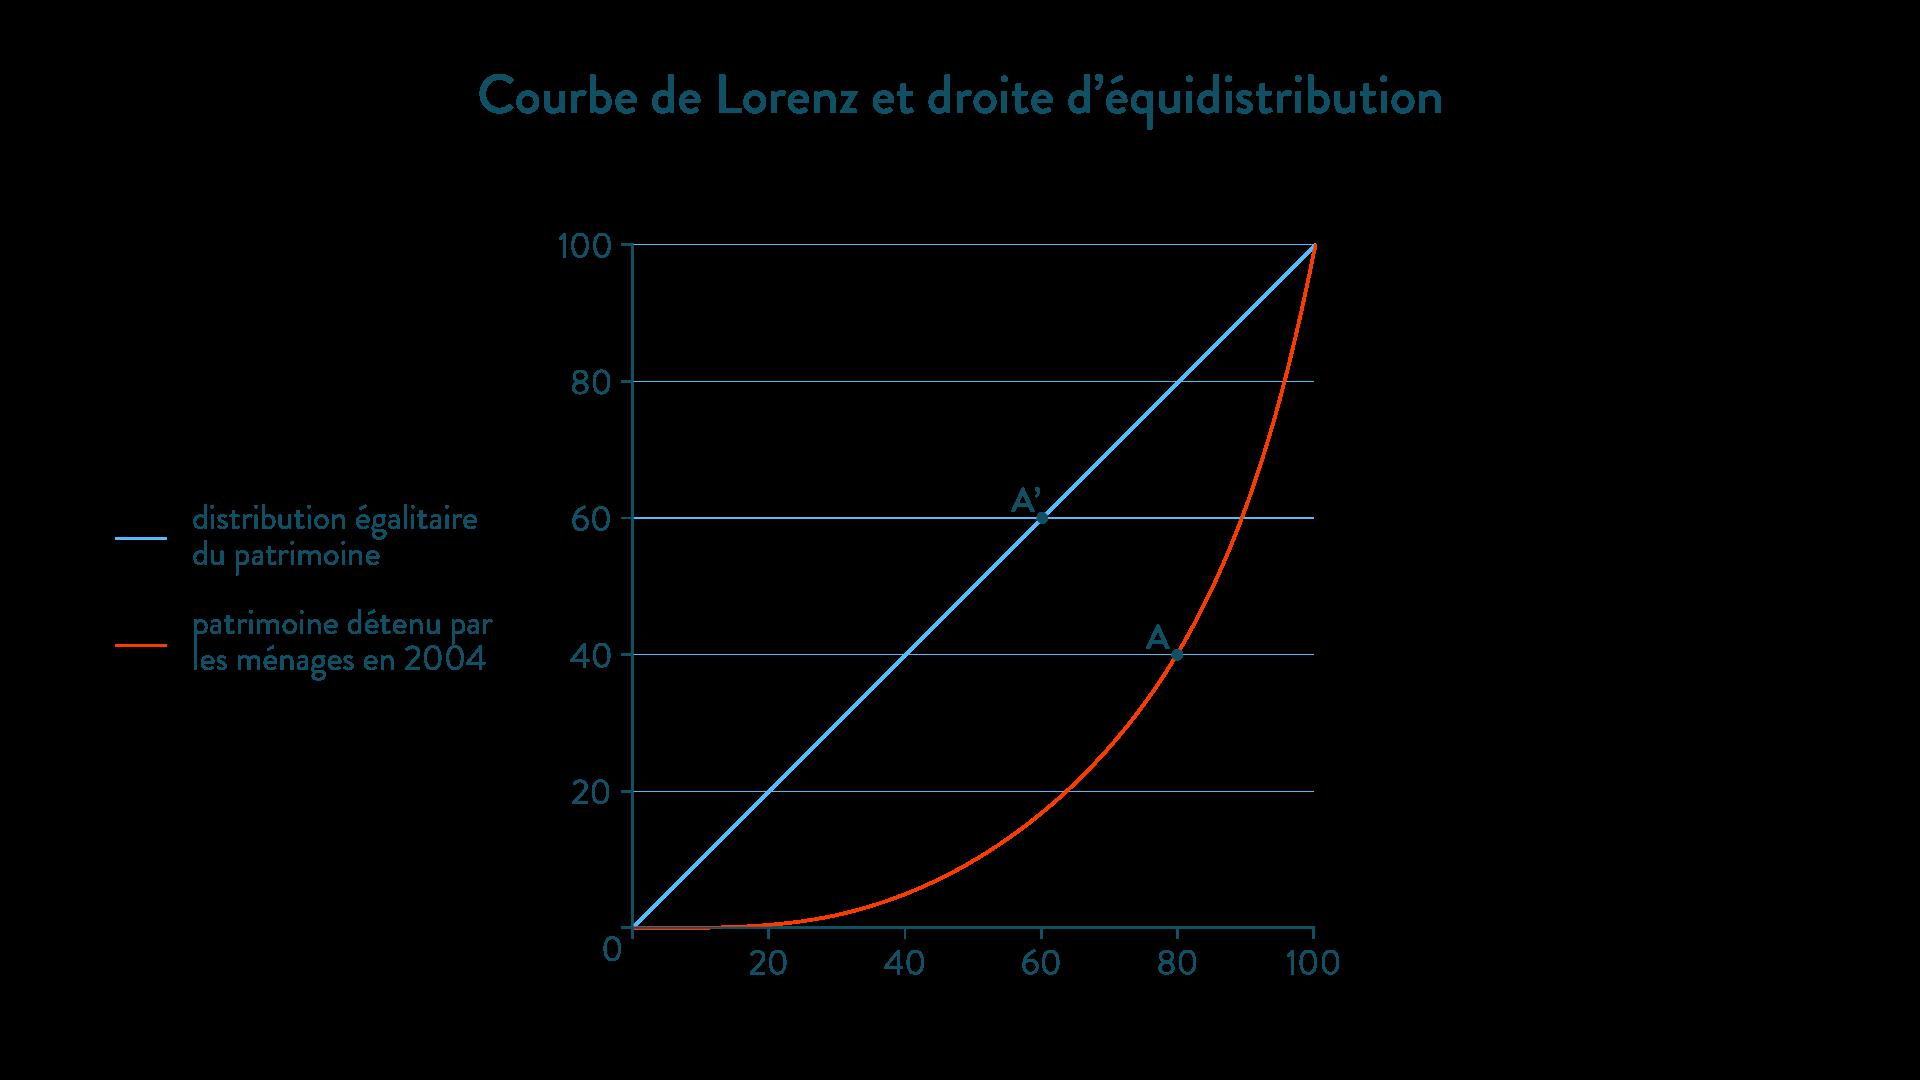 Courbe de Lorenz et droite d'équidistribution méthode ses